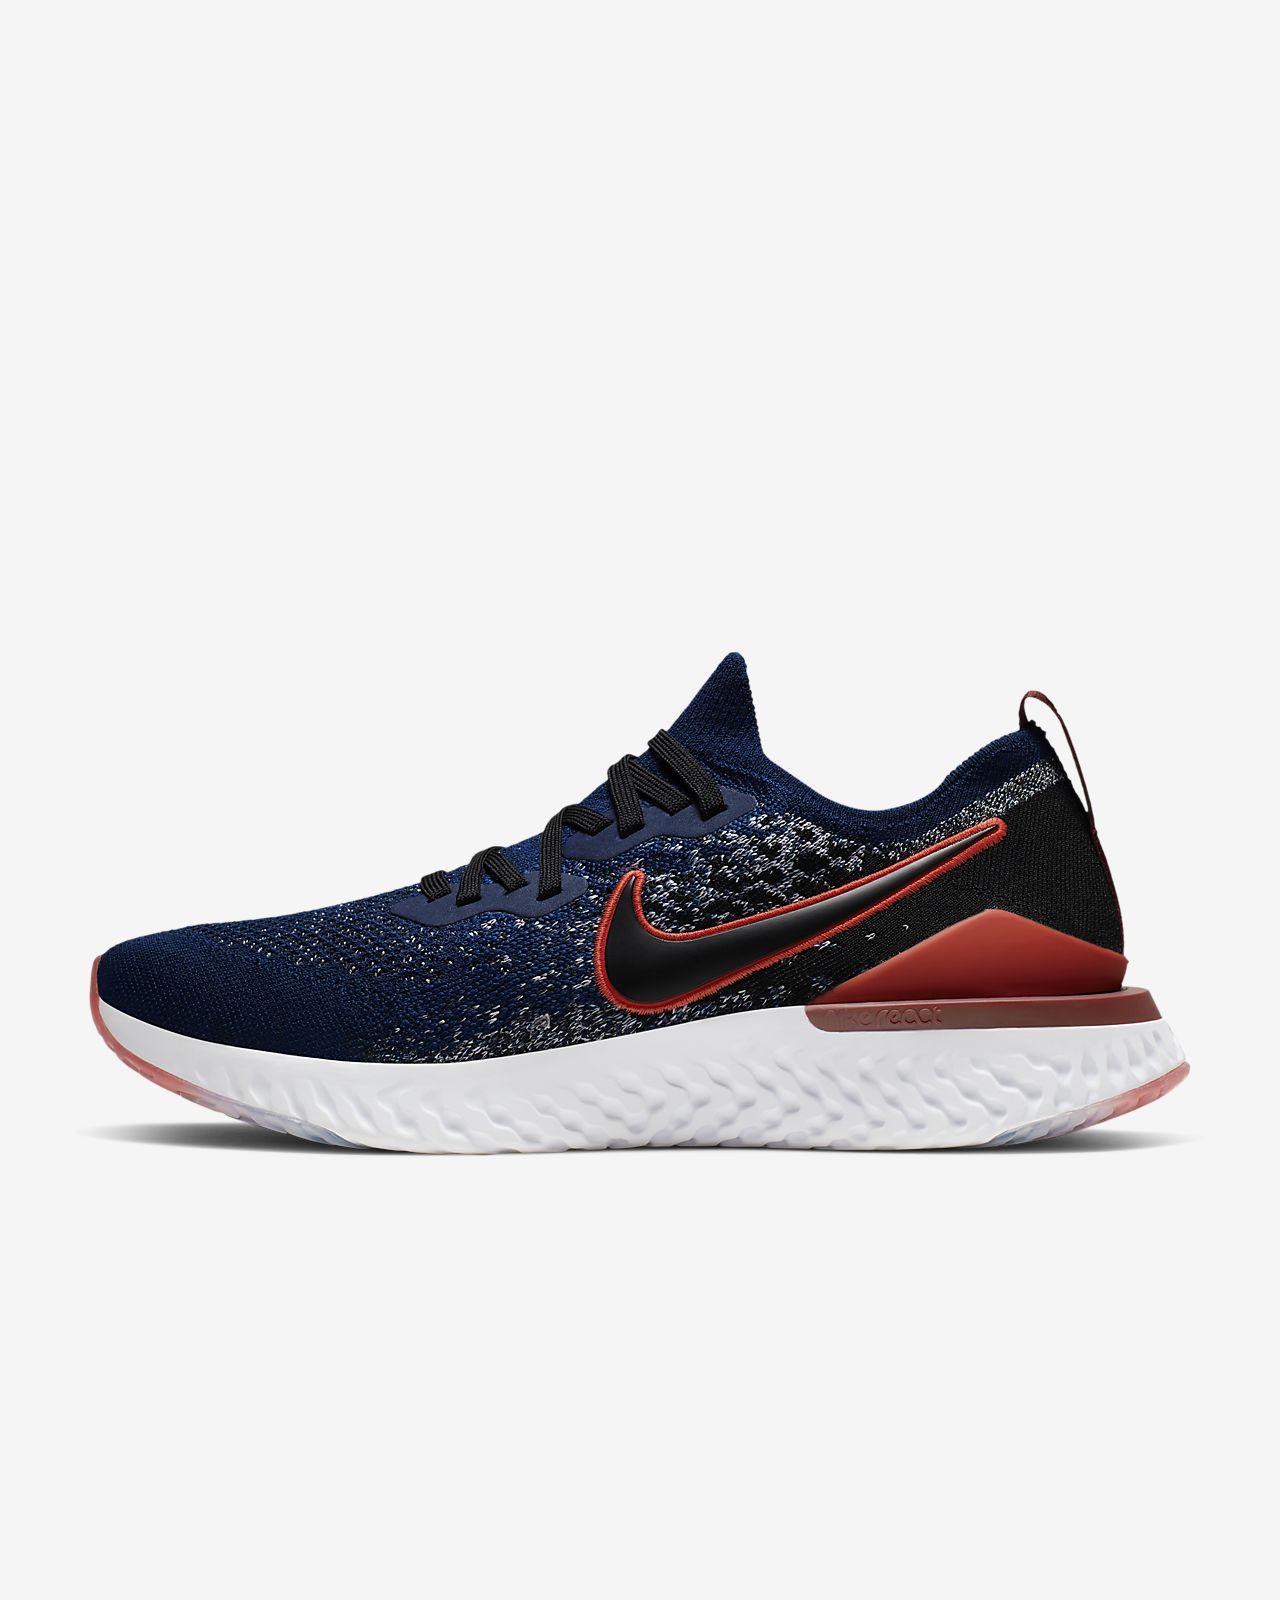 size 40 770d2 314c0 Nike Epic React Flyknit 2 Rabid Panda Men's Running Shoe